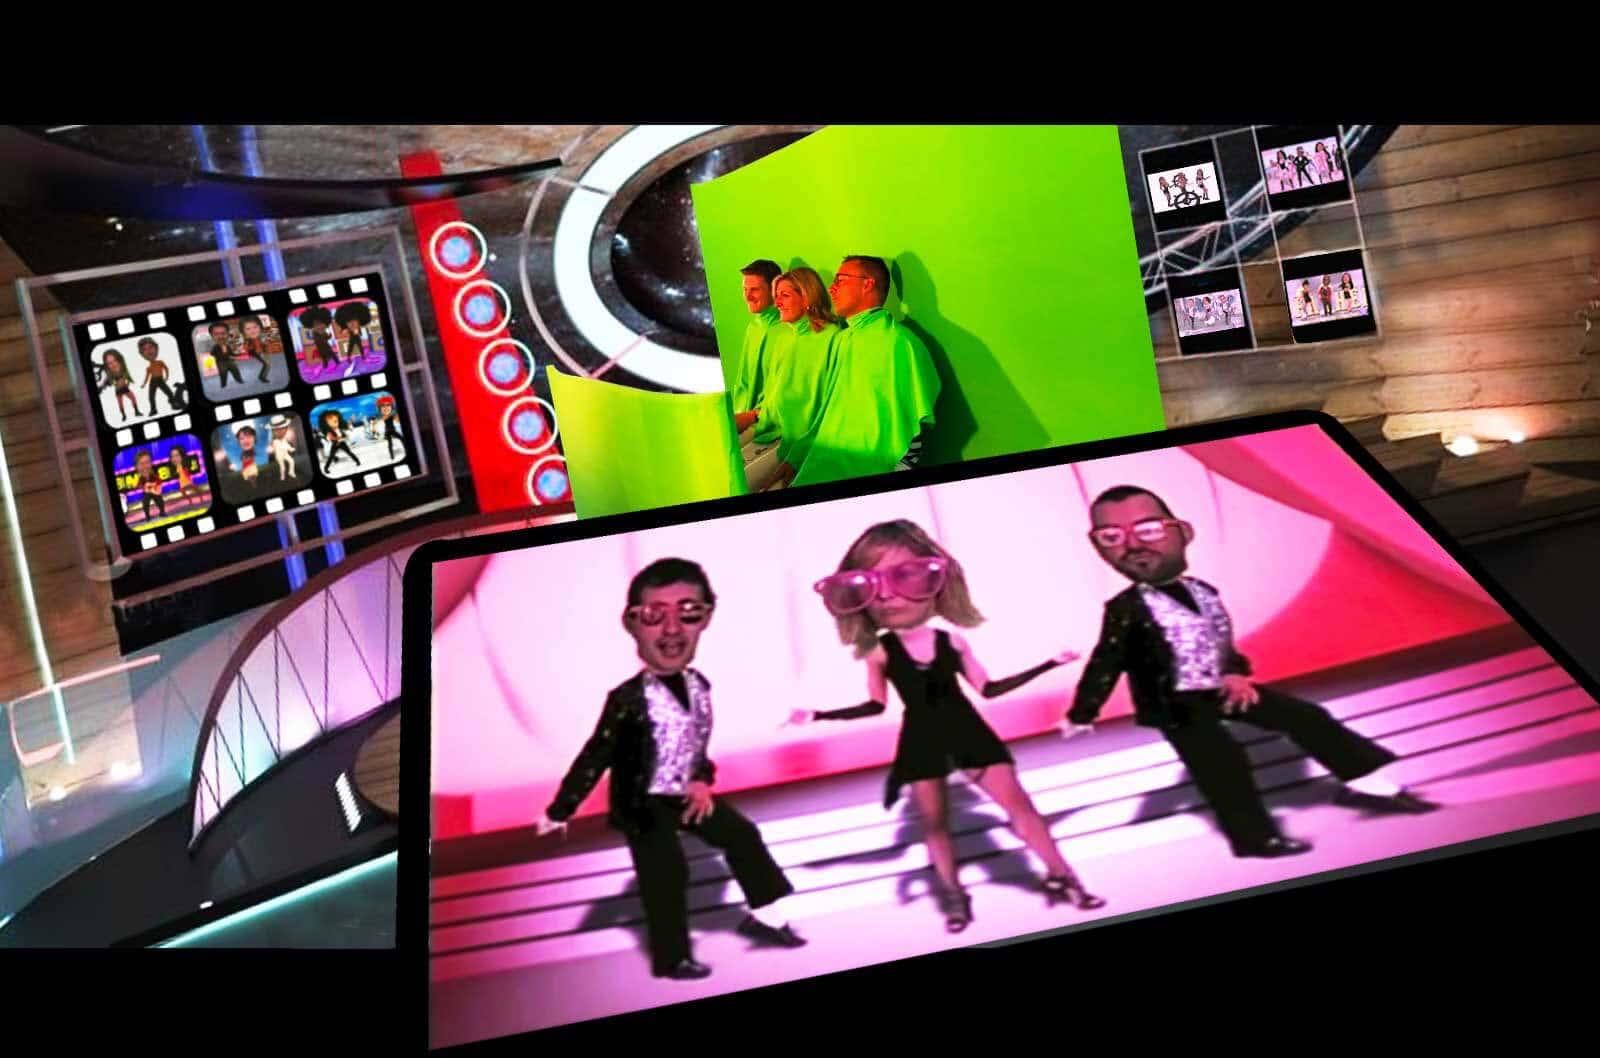 animation sur stand salon professionnel : animation video musicale Dance Heads en action avec 3 participants